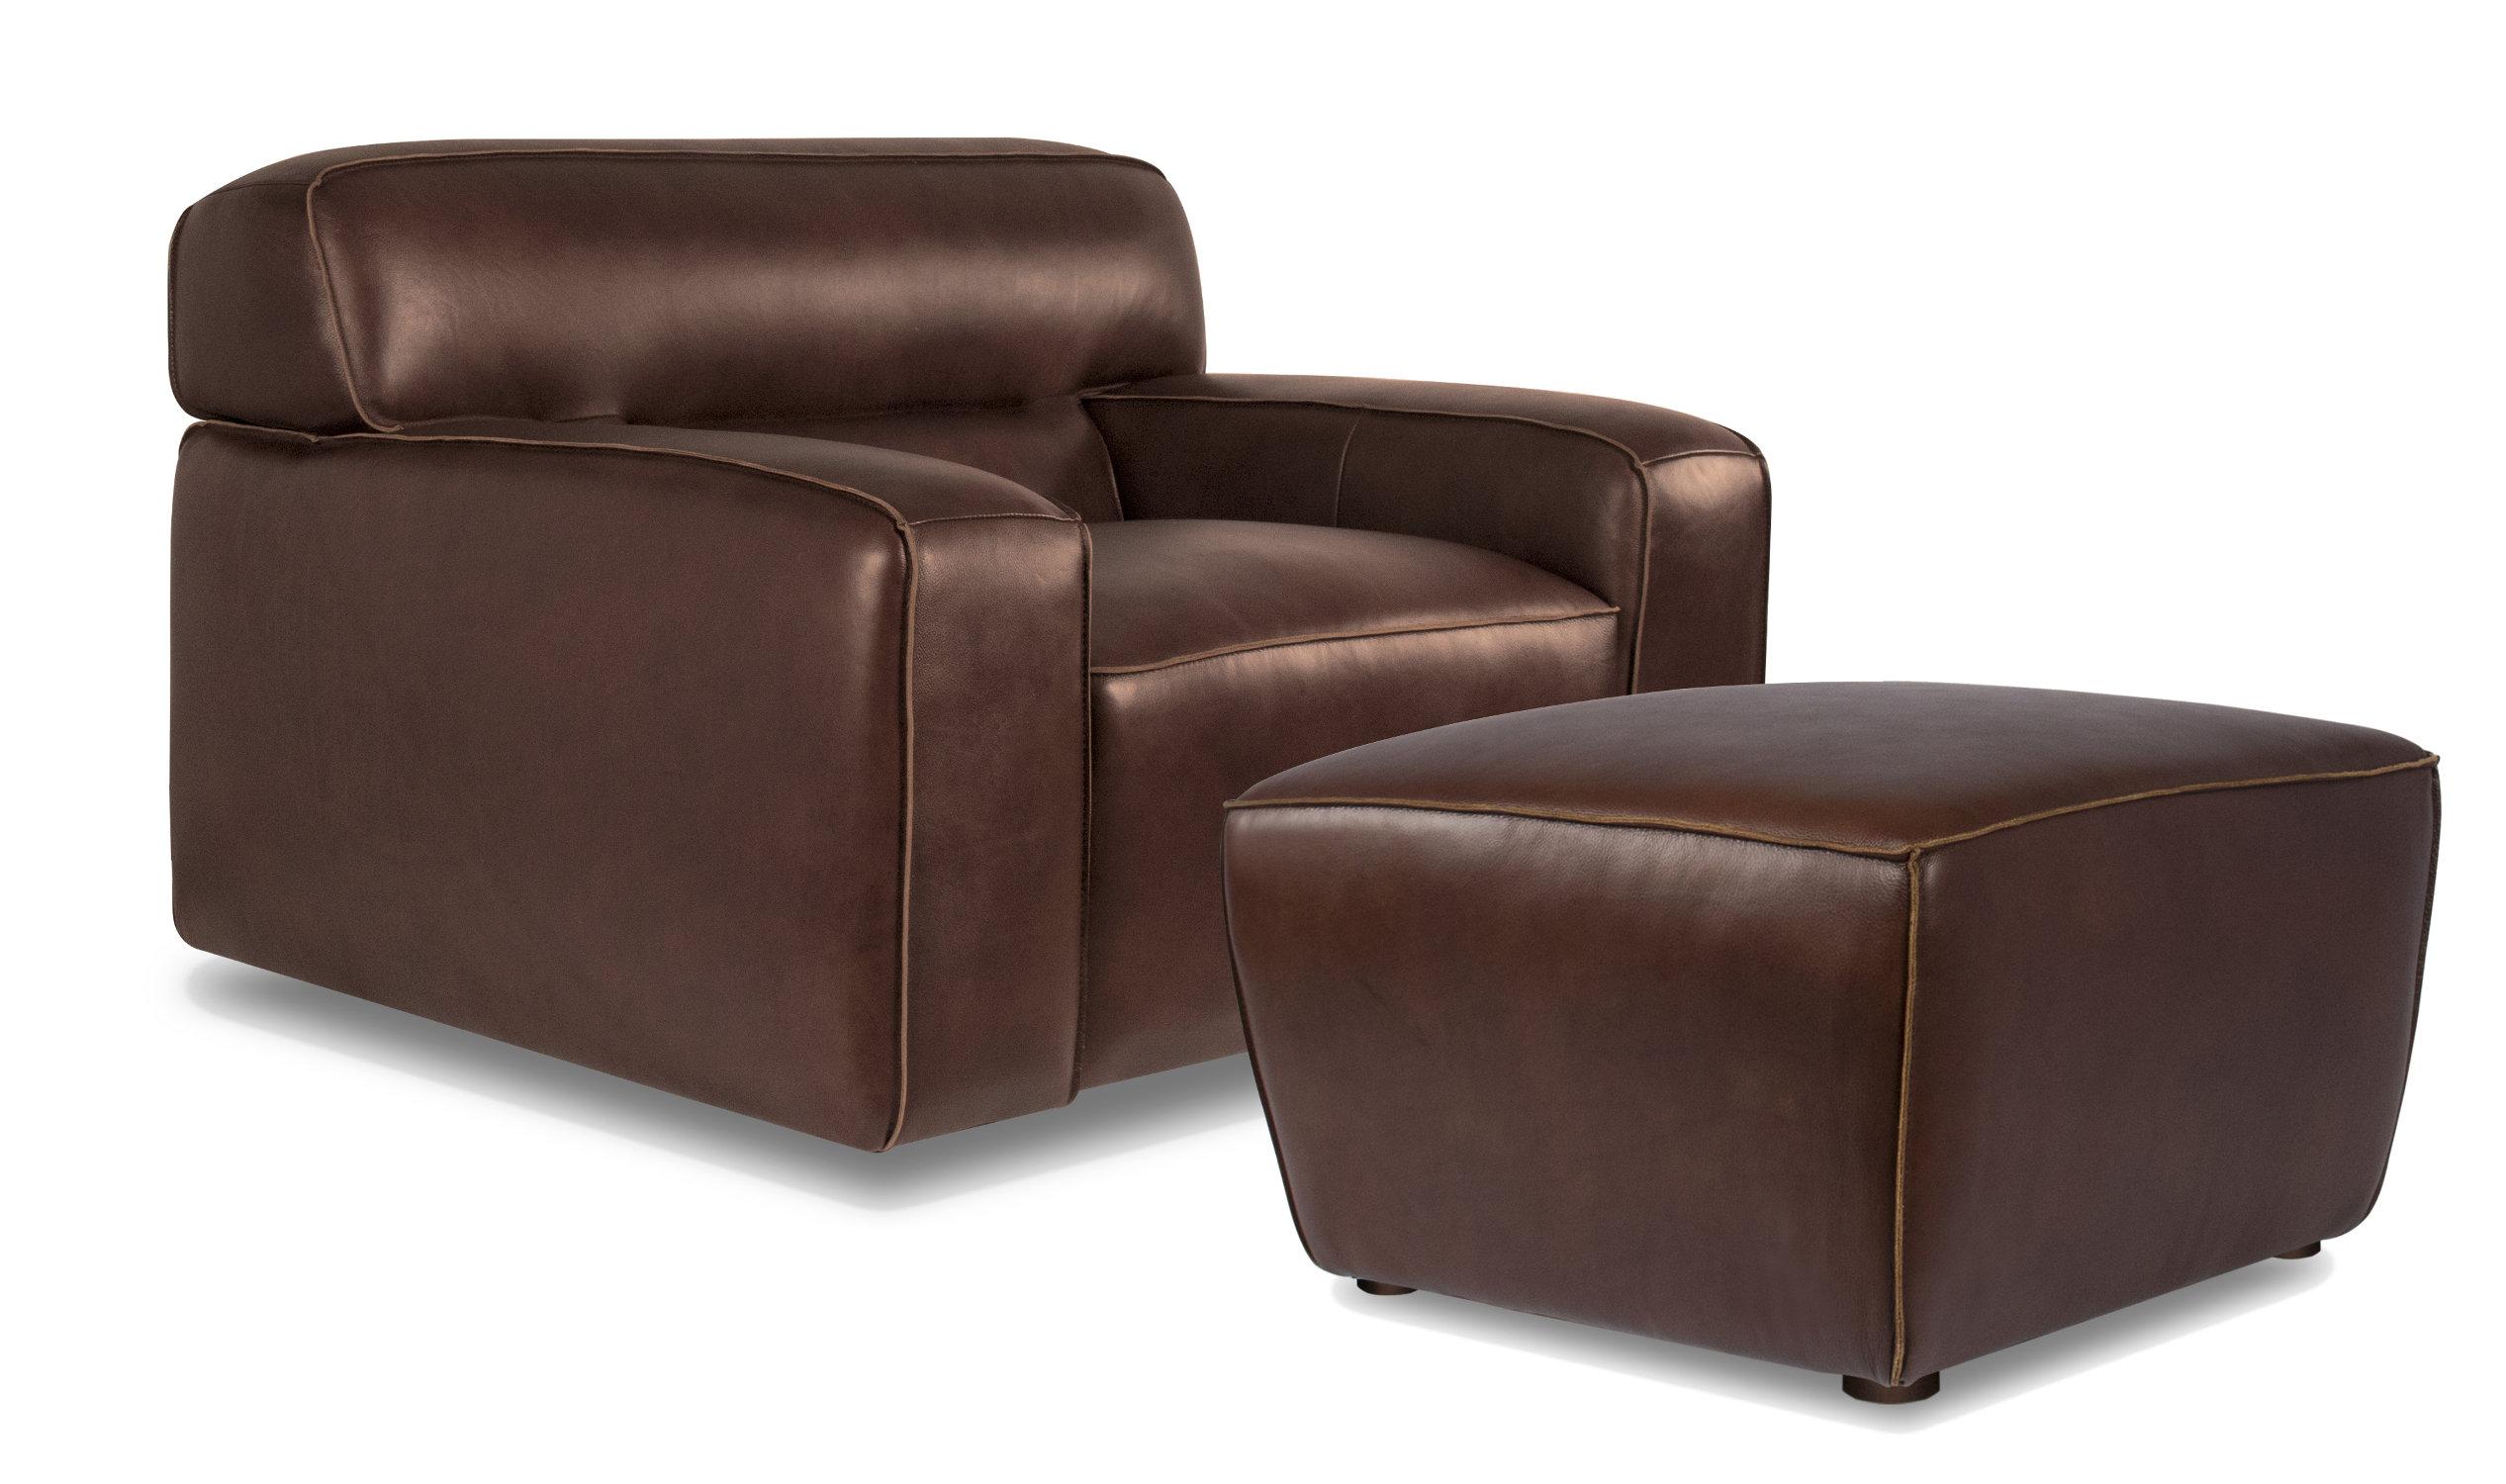 myriam armchair and ottoman